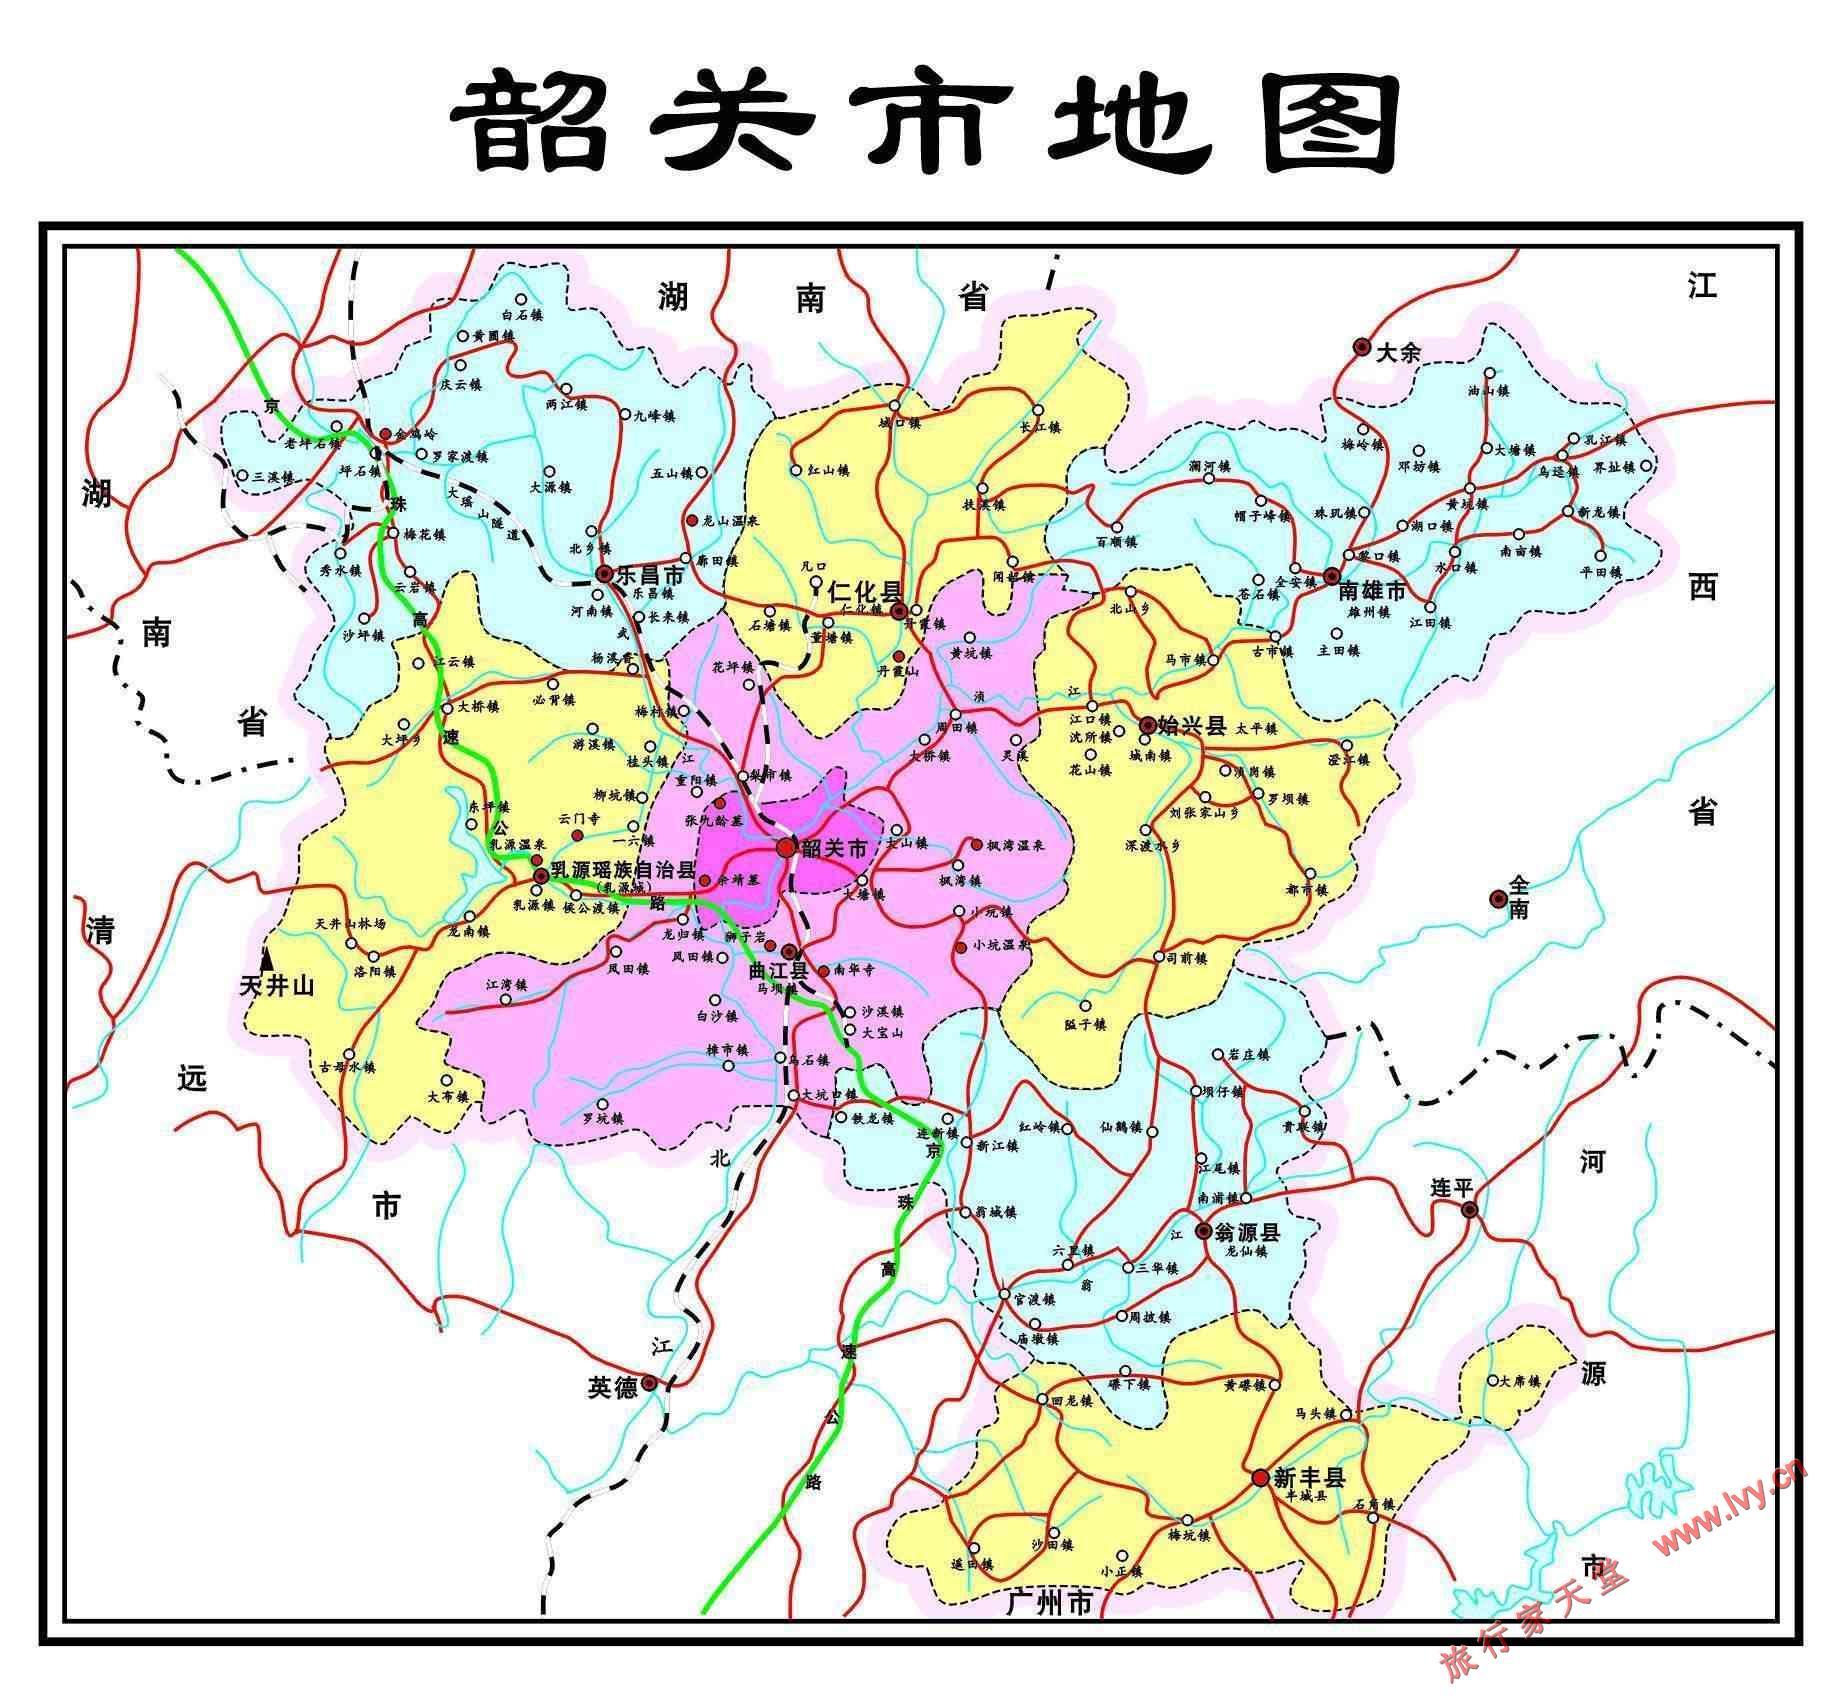 广东丹霞山旅游地图 广东省韶关市区公路交